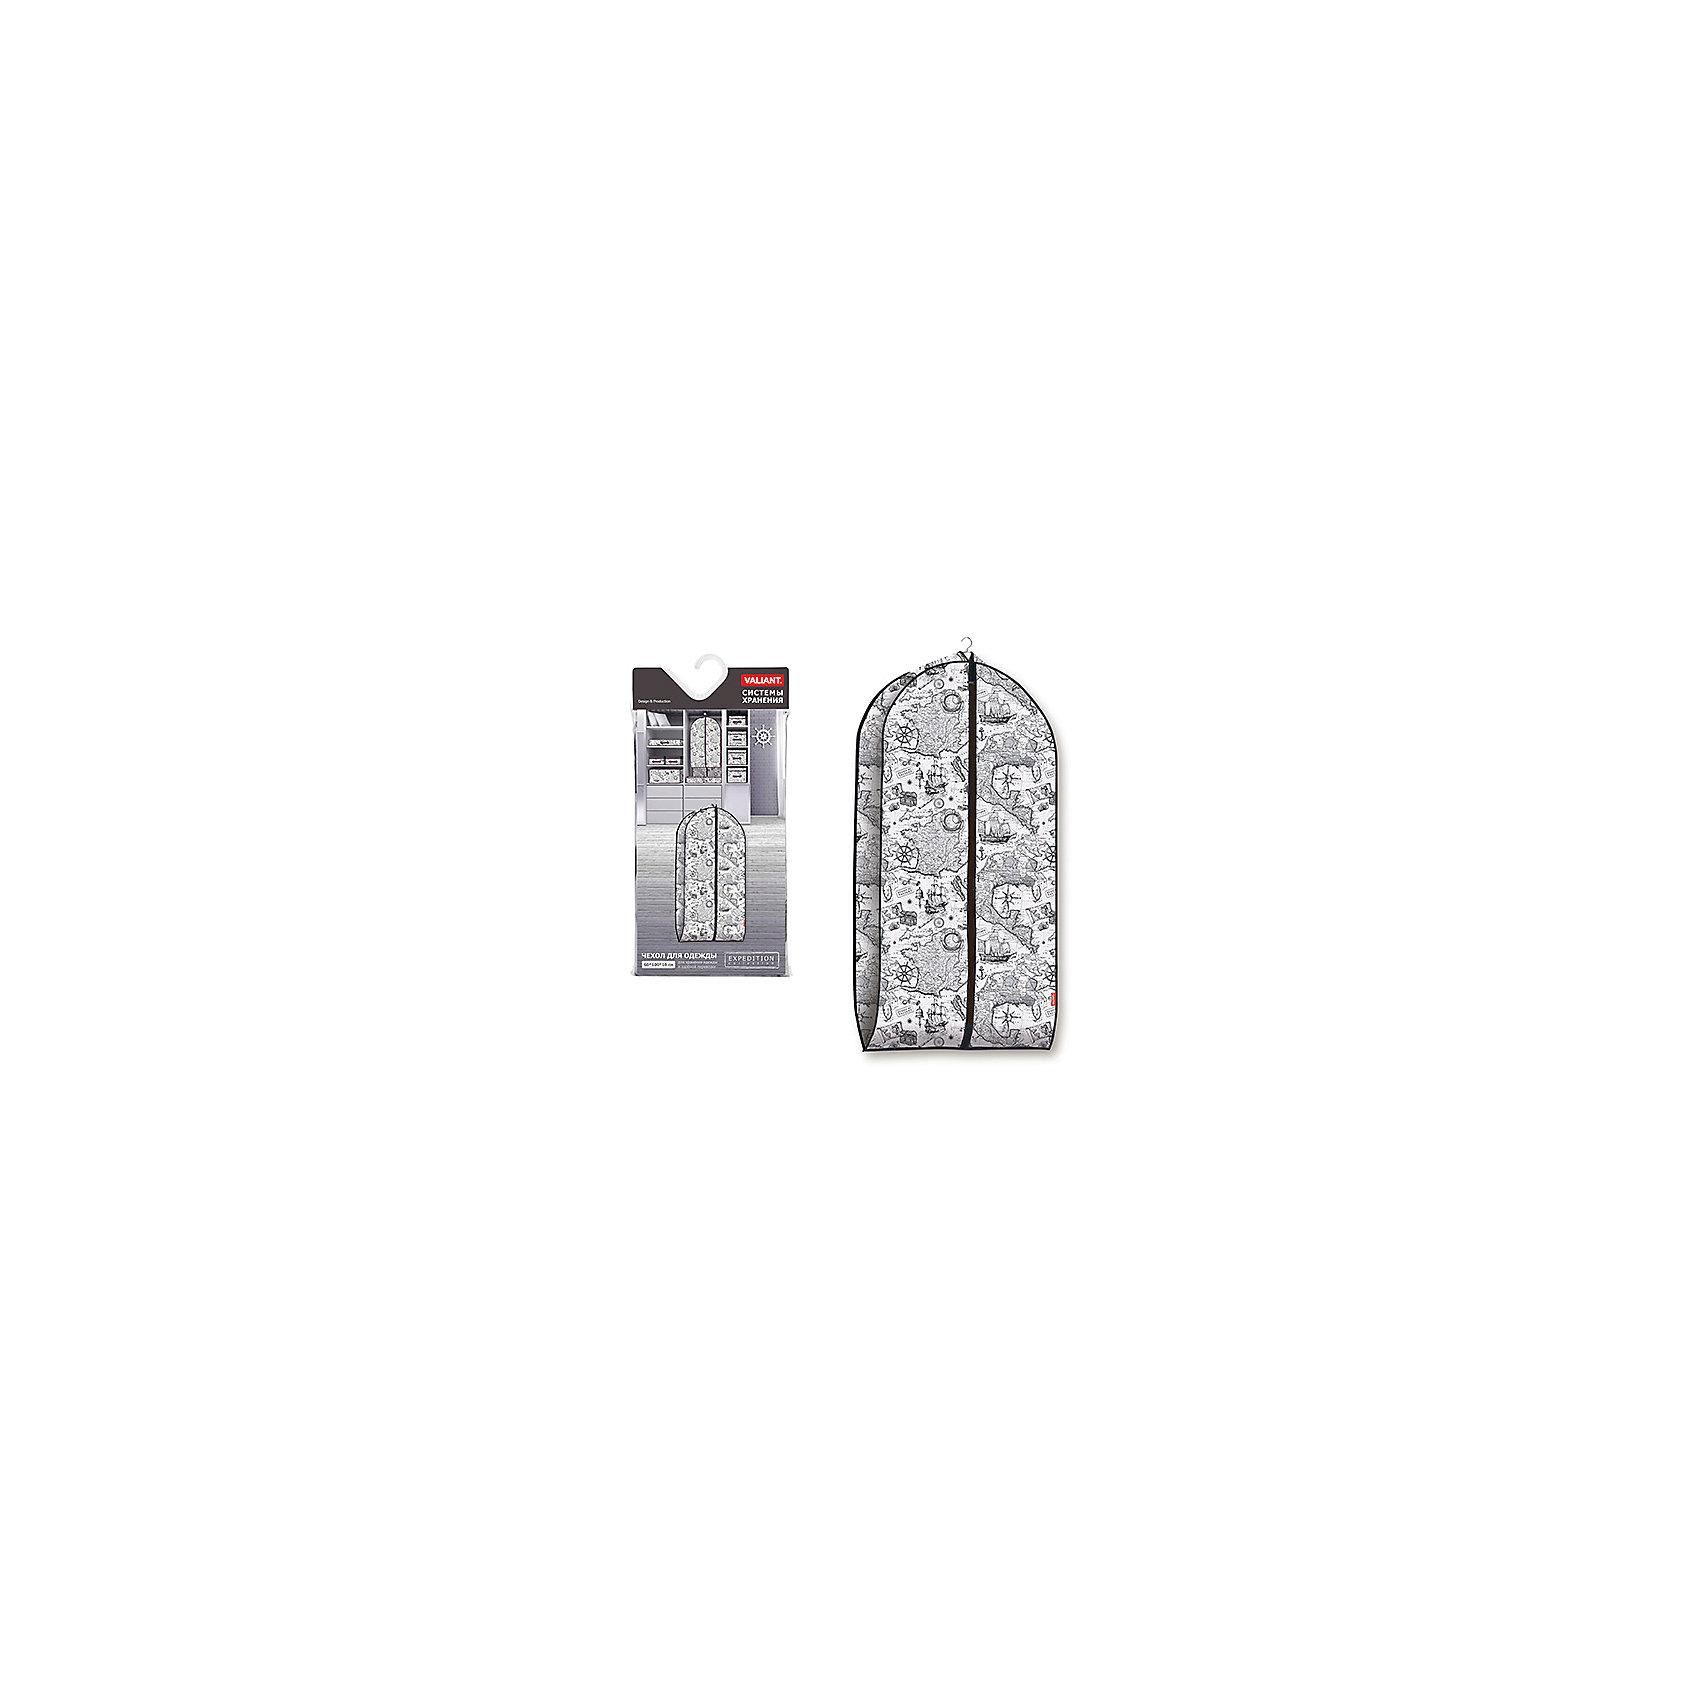 Чехол для одежды объемный, малый, 60*100*10 см, EXPEDITION, ValiantОрганайзеры для одежды<br>Чехол для одежды объемный, малый, 60*100*10 см, EXPEDITION, Valiant (Валиант) – это эстетичное решение для хранения одежды.<br>Чехол для одежды EXPEDITION от Valiant (Валиант) разработан специально для хранения короткой верхней одежды: шуб, дубленок, пуховиков, пальто, плащей, костюмов и платьев. Он изготовлен из высококачественного нетканого материала, который обеспечивает естественную вентиляцию, позволяя воздуху проникать внутрь, но не пропускает пыль. Чехол очень удобен в использовании. Наличие боковой вставки увеличивает объем чехла, что позволяет хранить крупные объемные вещи. Чехол легко открывается и закрывается застежкой-молнией. Идеально подойдет для хранения одежды и удобной перевозки. Чехол оформлен стильным и неброским рисунком в виде географической карты, который напомнит Вам о путешествиях. Оригинальный монохромный дизайн погружает в романтическую атмосферу морских экспедиций, дальних странствий и географических открытий. Чехол для одежды EXPEDITION от Valiant (Валиант) станет стильным акцентом в современном гардеробе.<br><br>Дополнительная информация:<br><br>- Размер: 60х100х10 см.<br>- Материал: нетканый материал<br>- Цвет: коричневый<br><br>Чехол для одежды объемный, малый, 60*100*10 см, EXPEDITION, Valiant (Валиант) можно купить в нашем интернет-магазине.<br><br>Ширина мм: 200<br>Глубина мм: 20<br>Высота мм: 420<br>Вес г: 211<br>Возраст от месяцев: 36<br>Возраст до месяцев: 1080<br>Пол: Унисекс<br>Возраст: Детский<br>SKU: 4993421